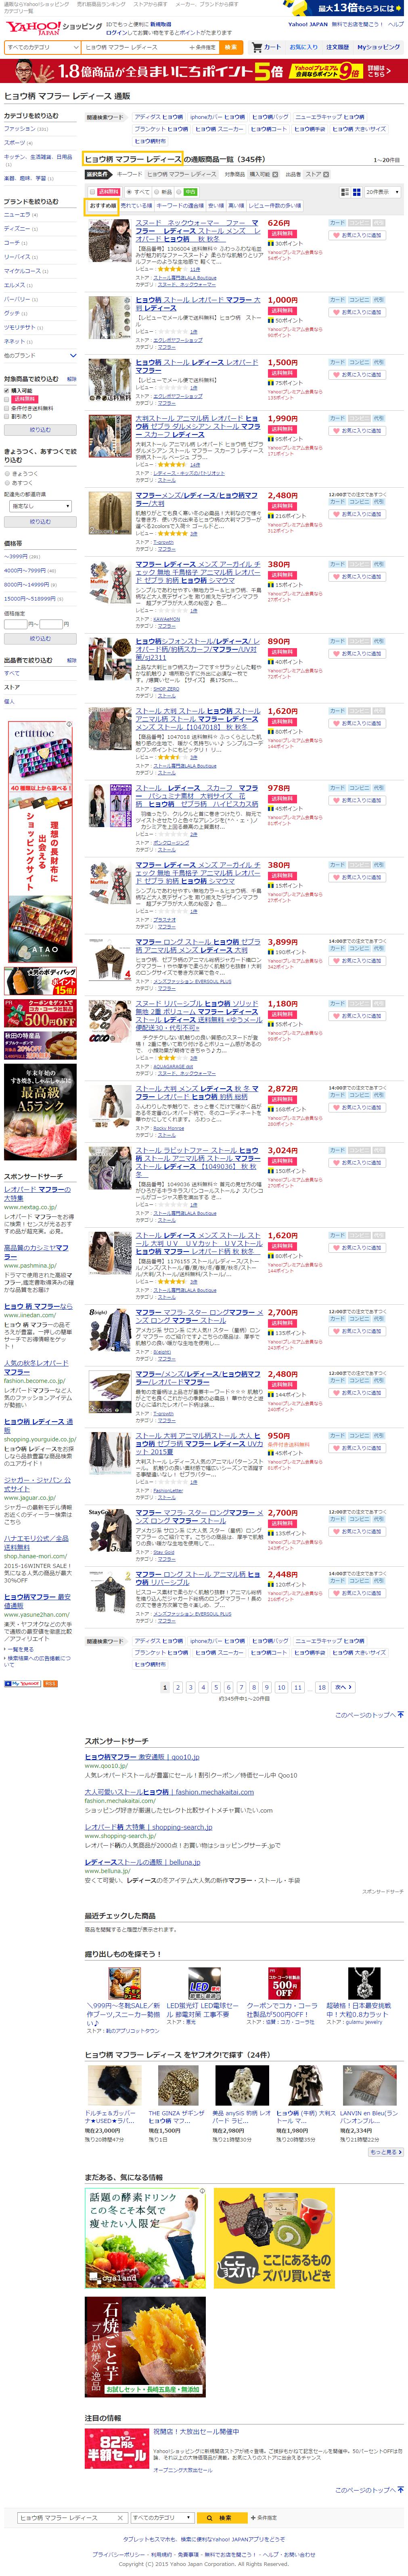 ヒョウ柄 マフラー レディース   通販   Yahoo ショッピング.png